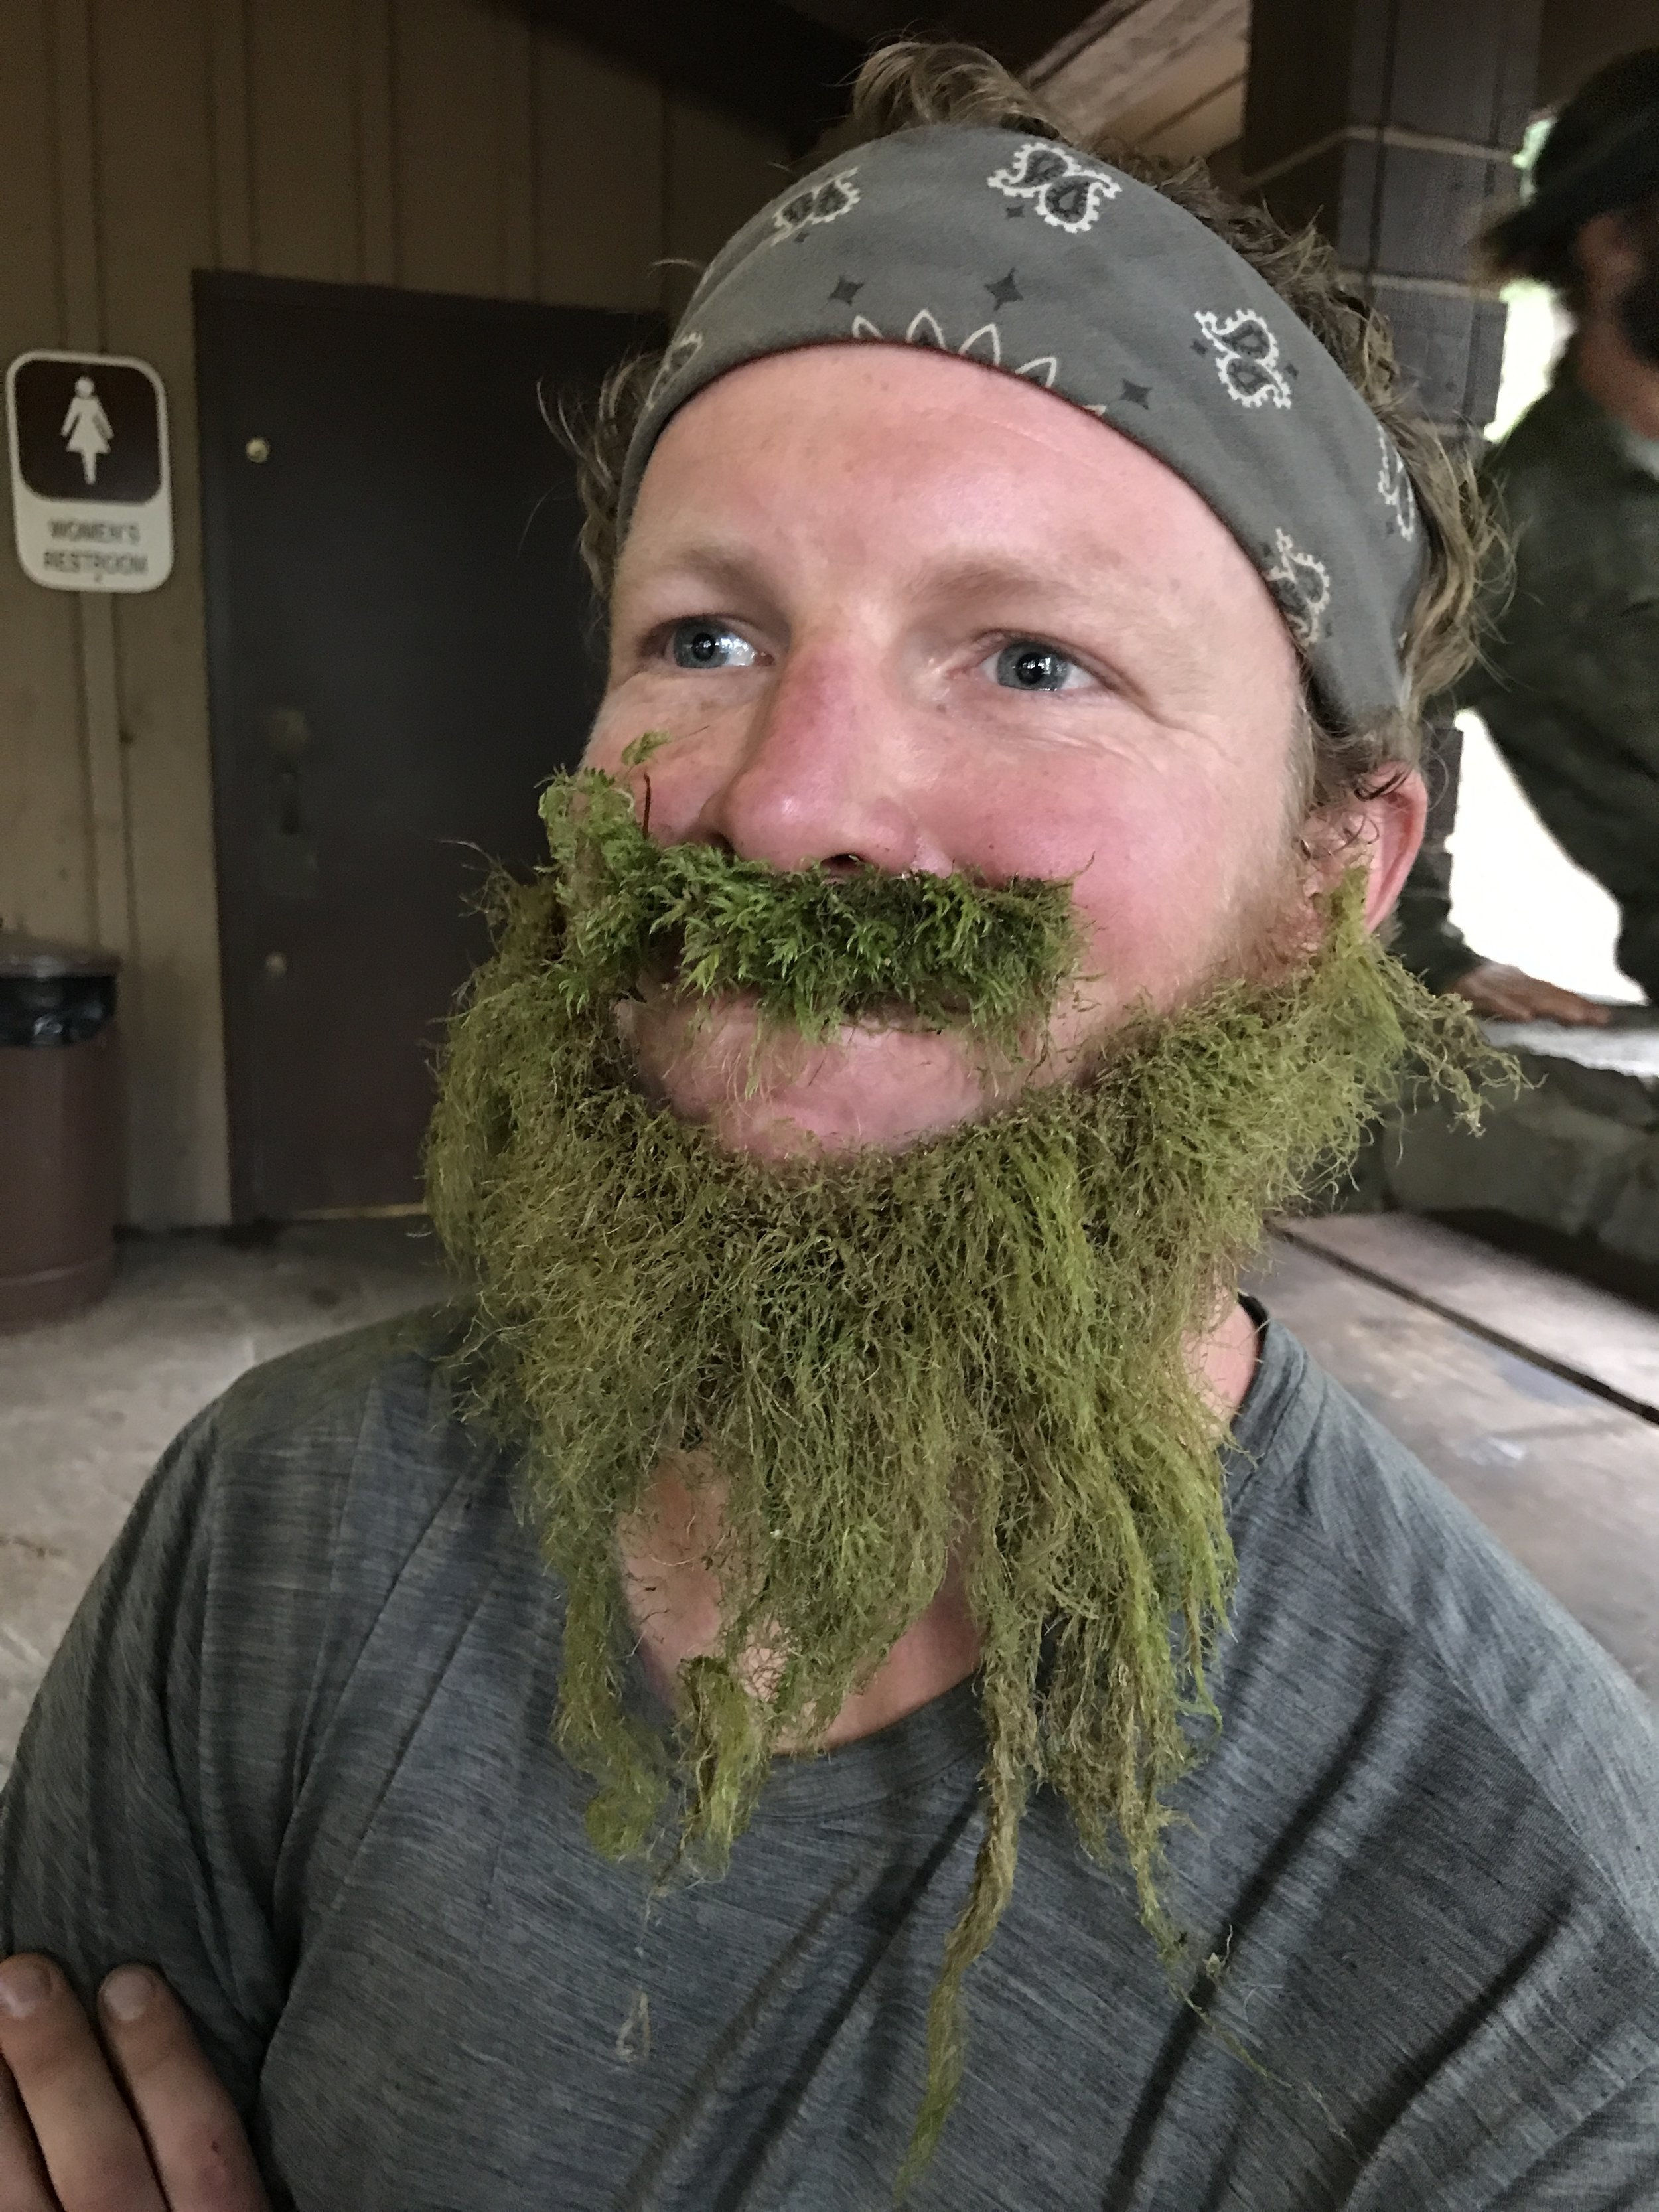 Link in a lichen beard